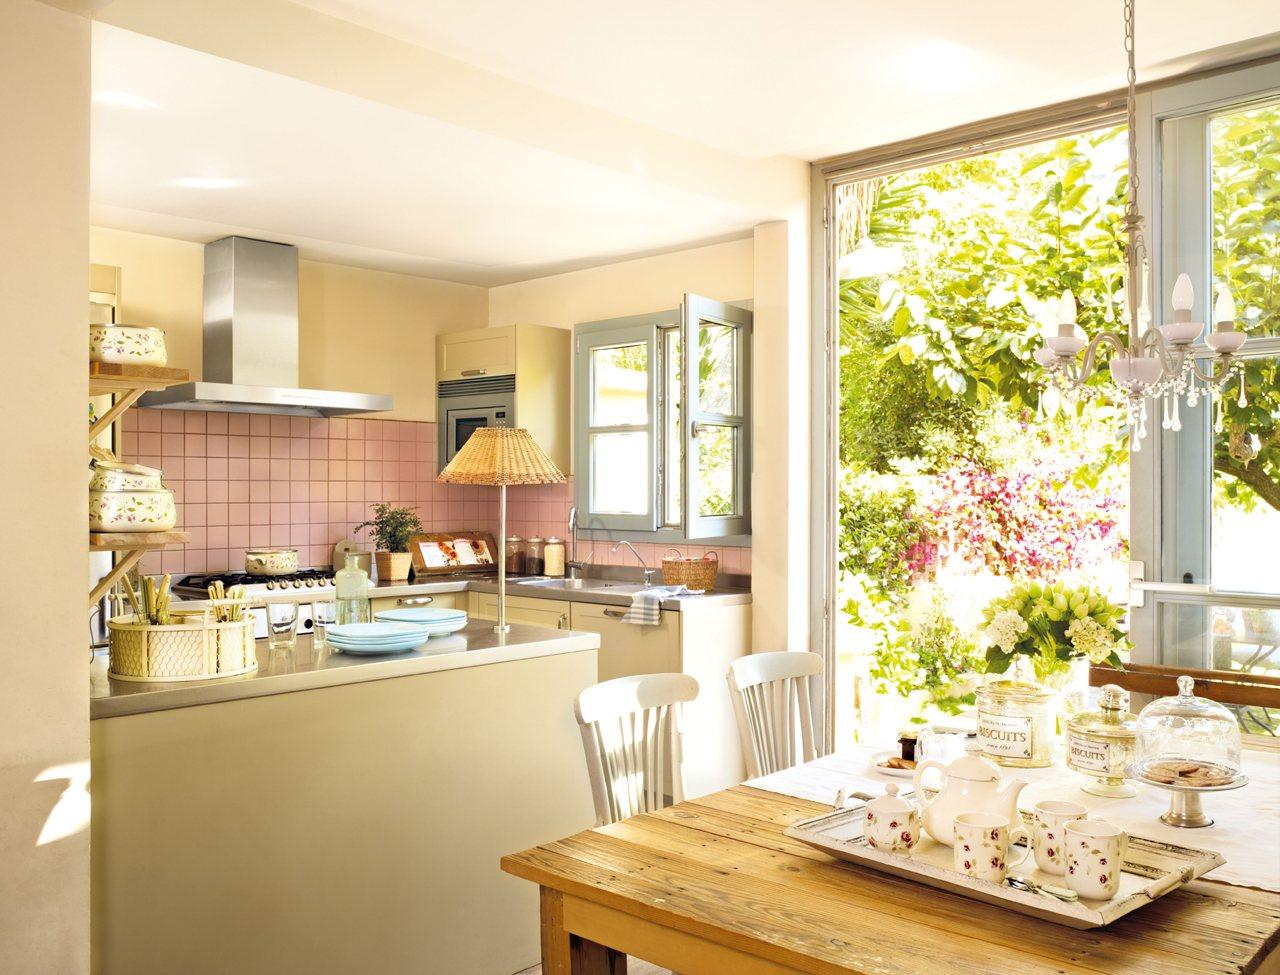 heladera y cocina juntas ideas para espacios peque os